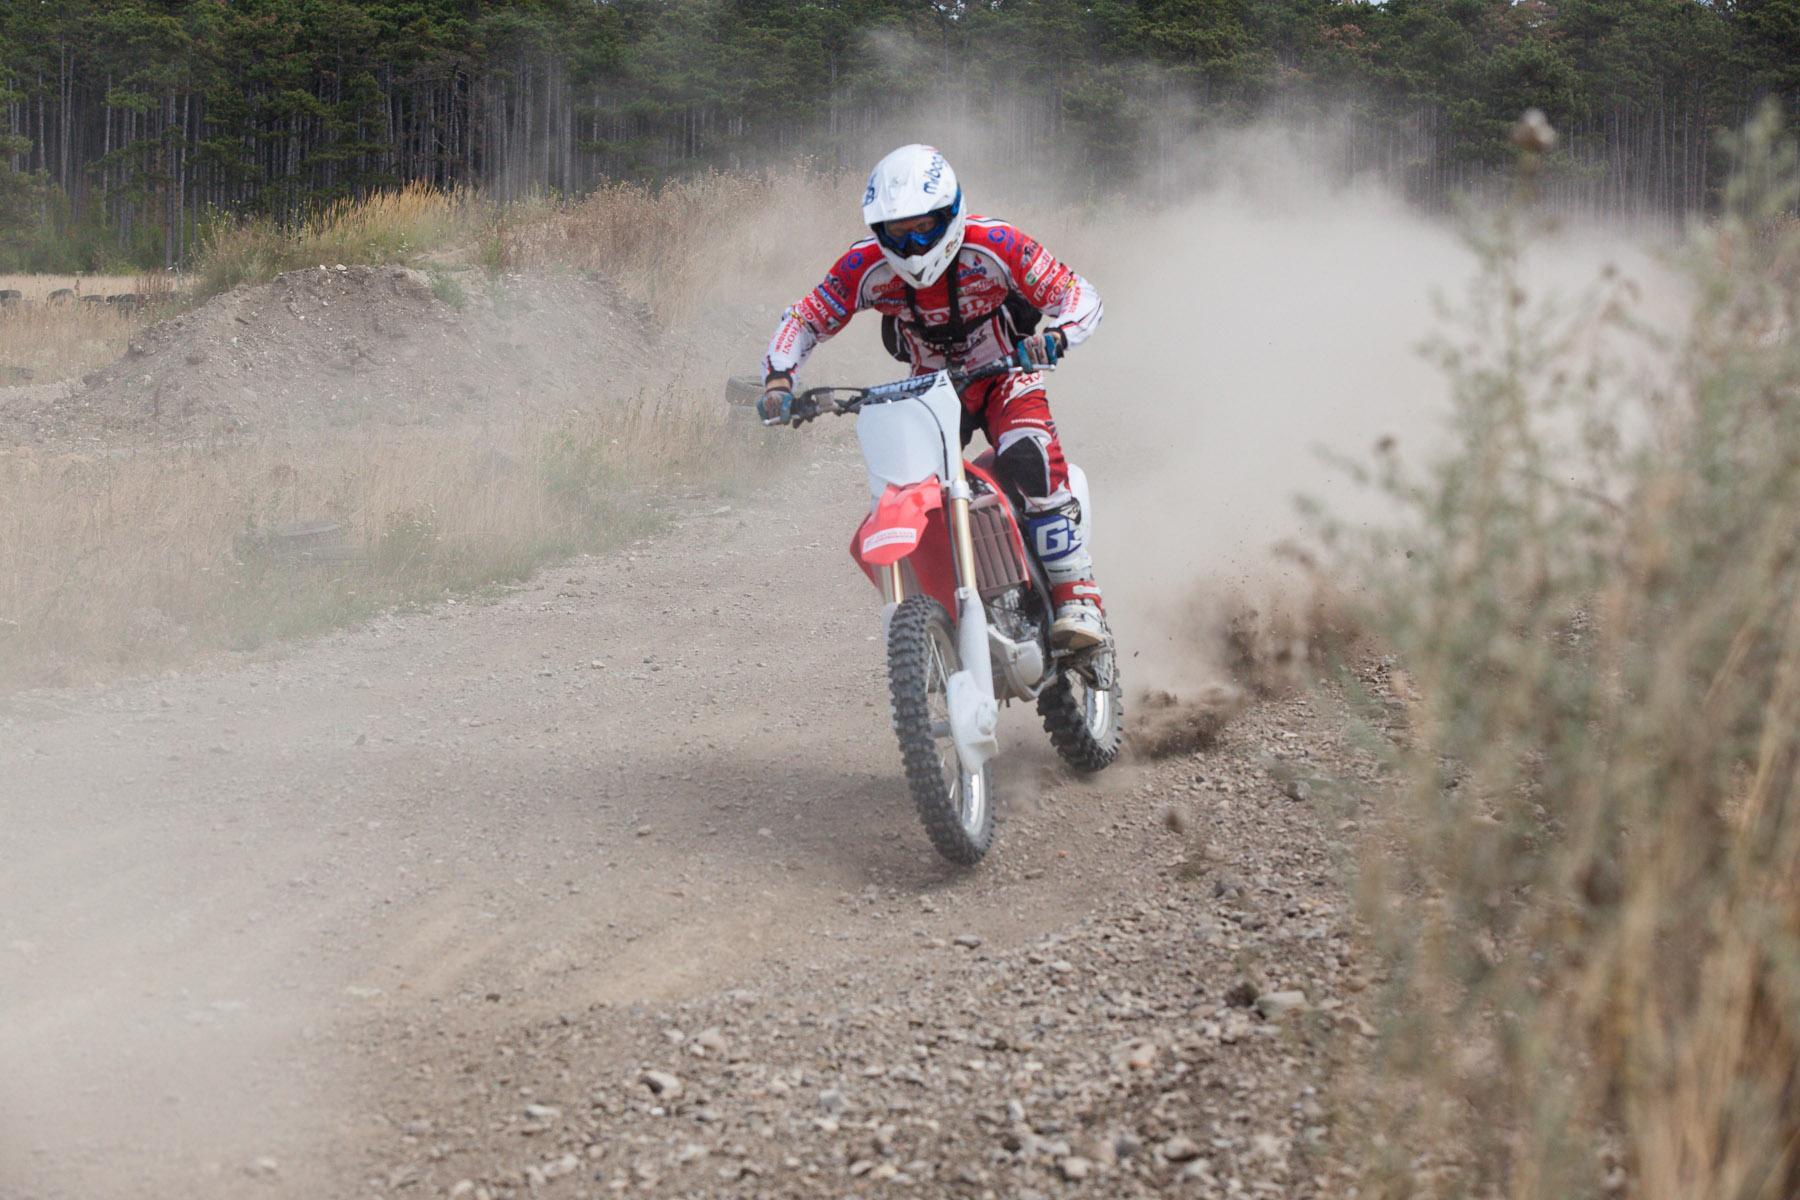 http://www.motorrad-bilder.at/slideshows/291/009959/honda_CRF205R_2013-50.jpg